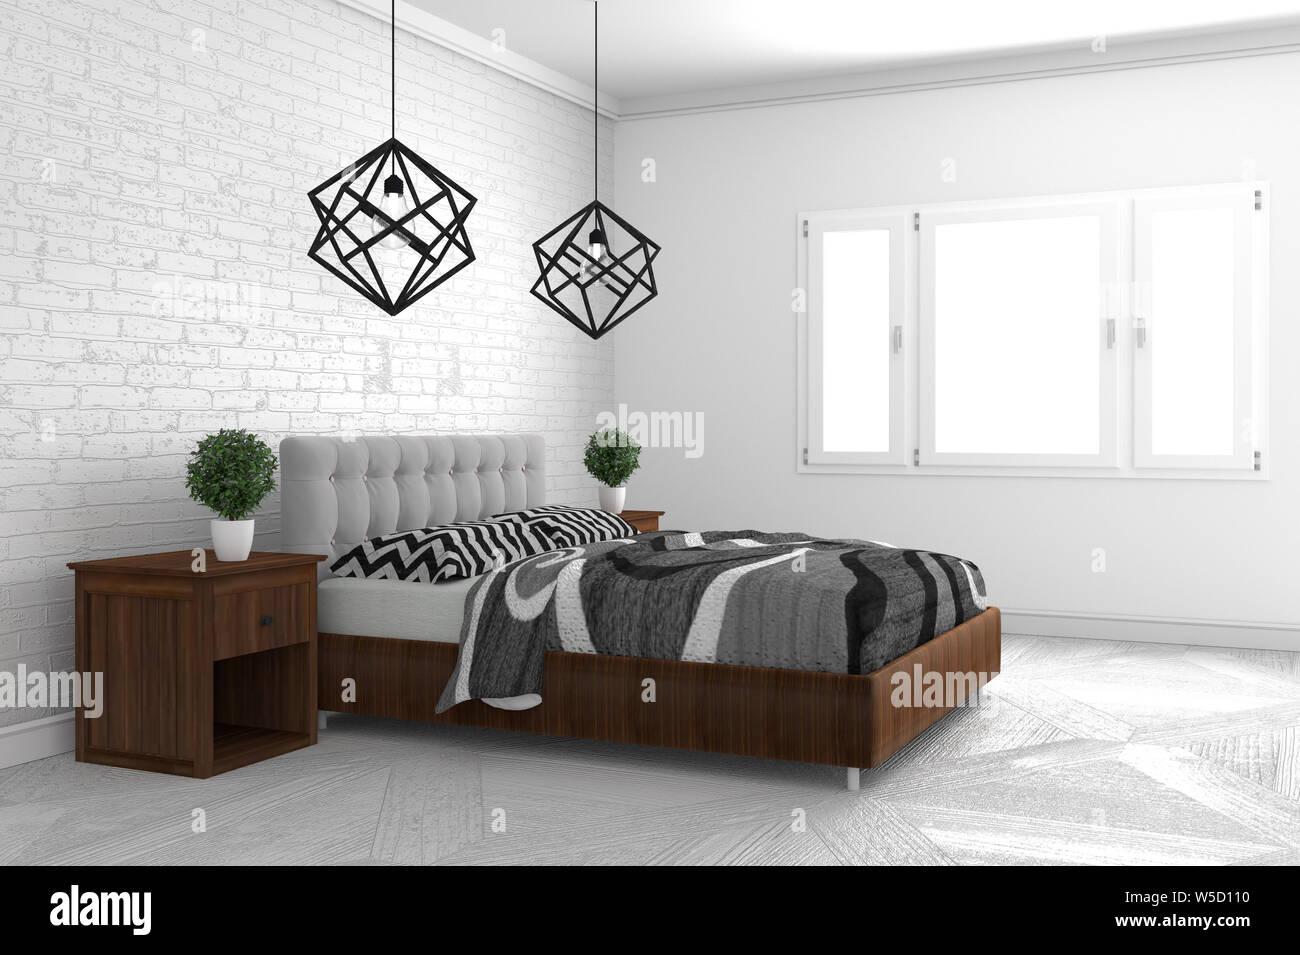 Schone Schlafzimmer In Der Modernen Innenarchitektur Auf Weissem Boden Und Weisse Wand Im Hintergrund Leeren Raum 3d Rendering Stockfotografie Alamy